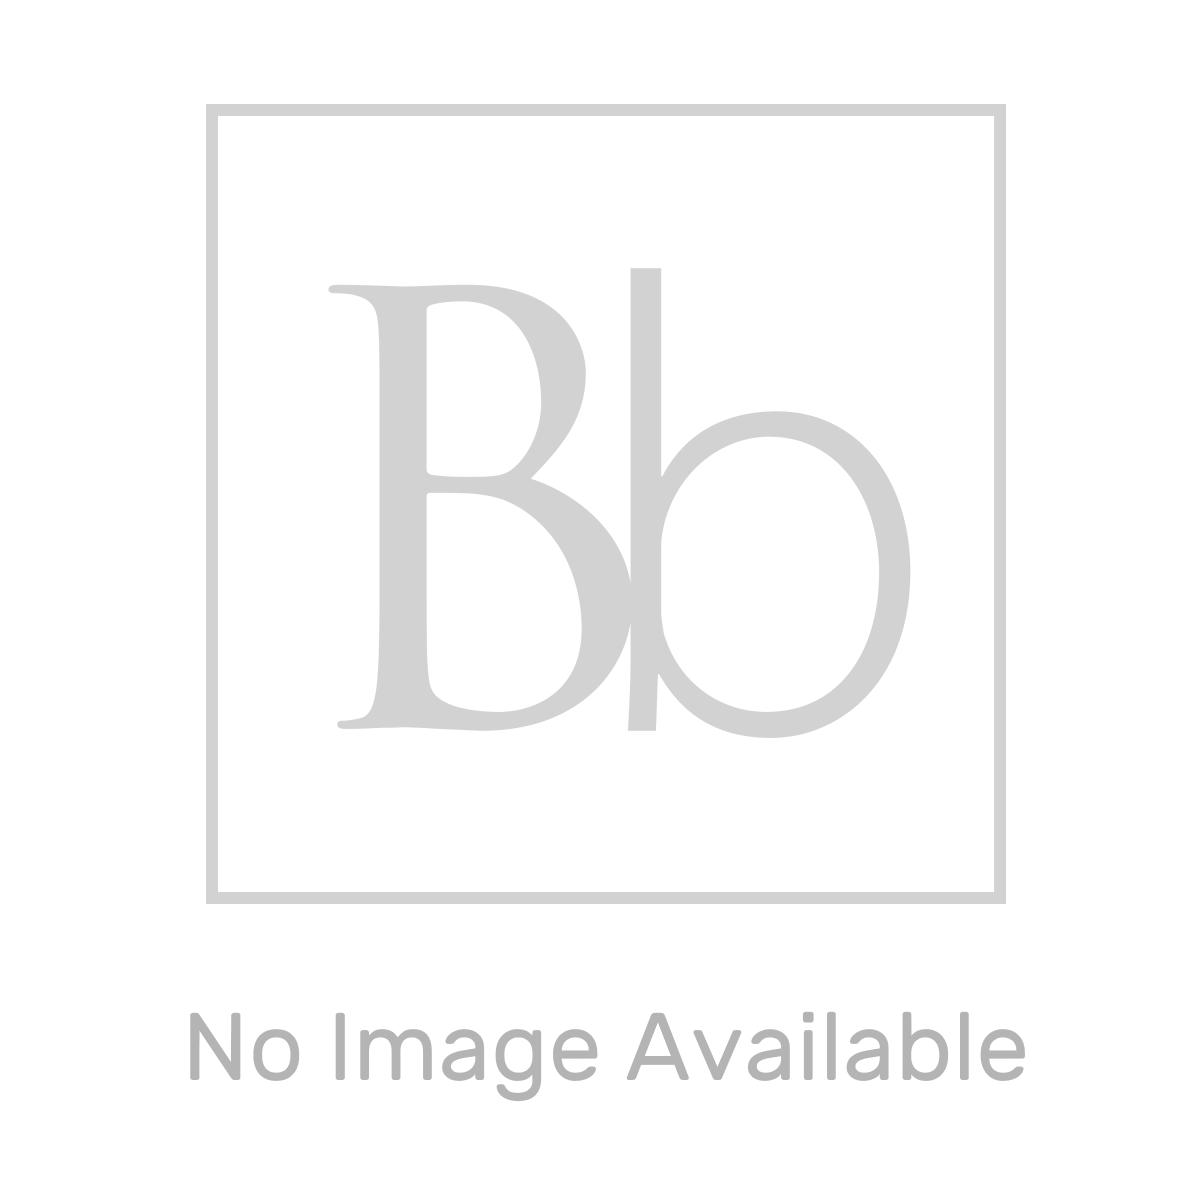 RAK Surface Off White Matt Tile 1200 x 2400mm